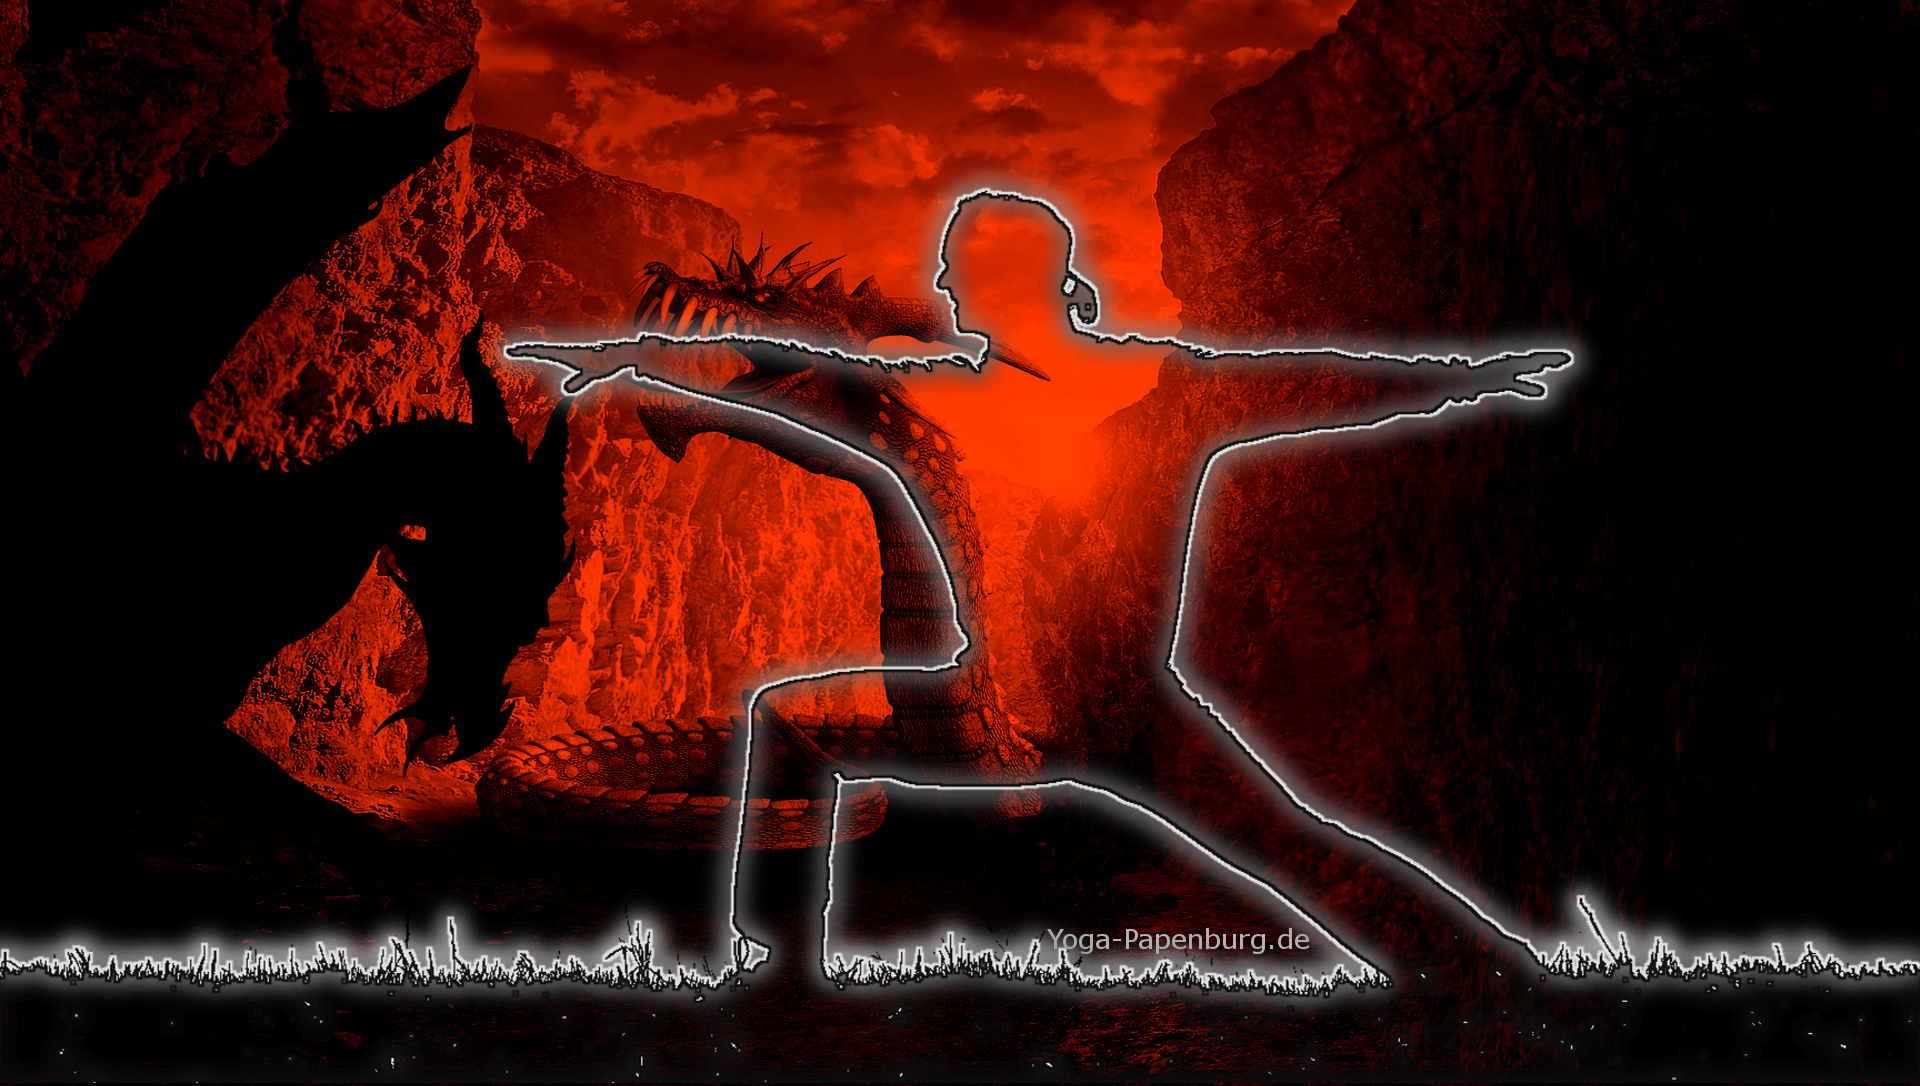 Helden Yoga - Grundheld - Held 1